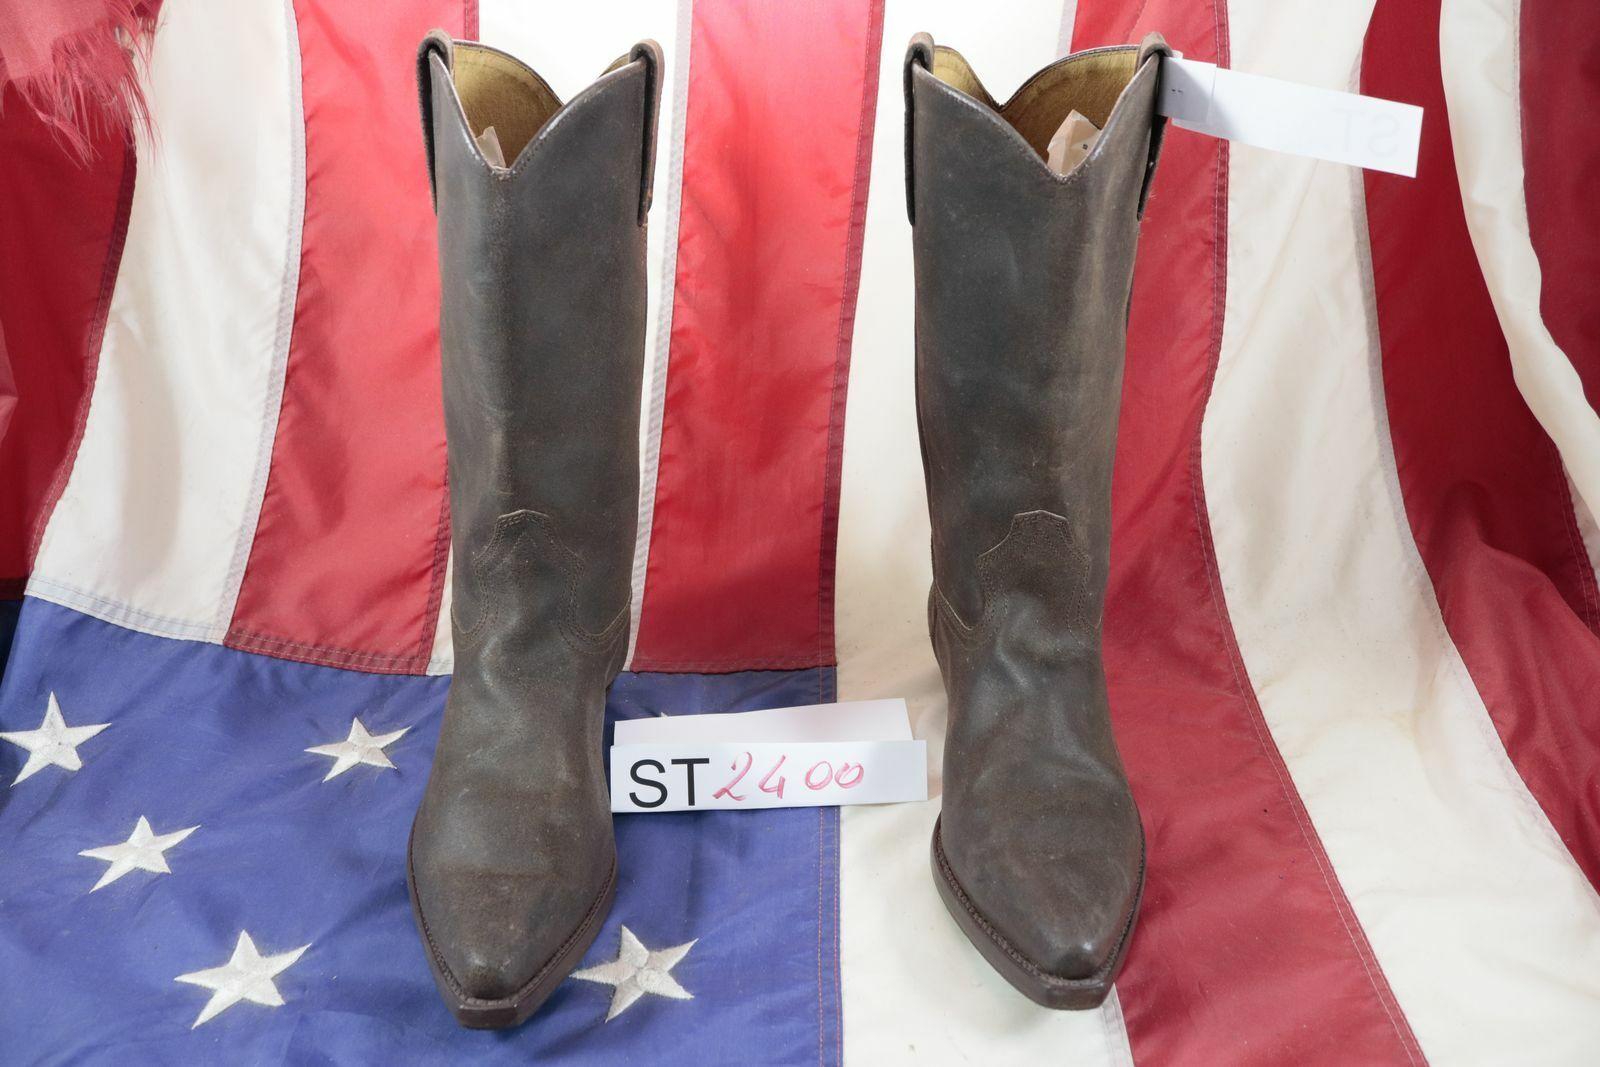 Stiefel Lee (Cod.ST2400) Gebraucht N.41 Herren Cowboy Stiefel braun